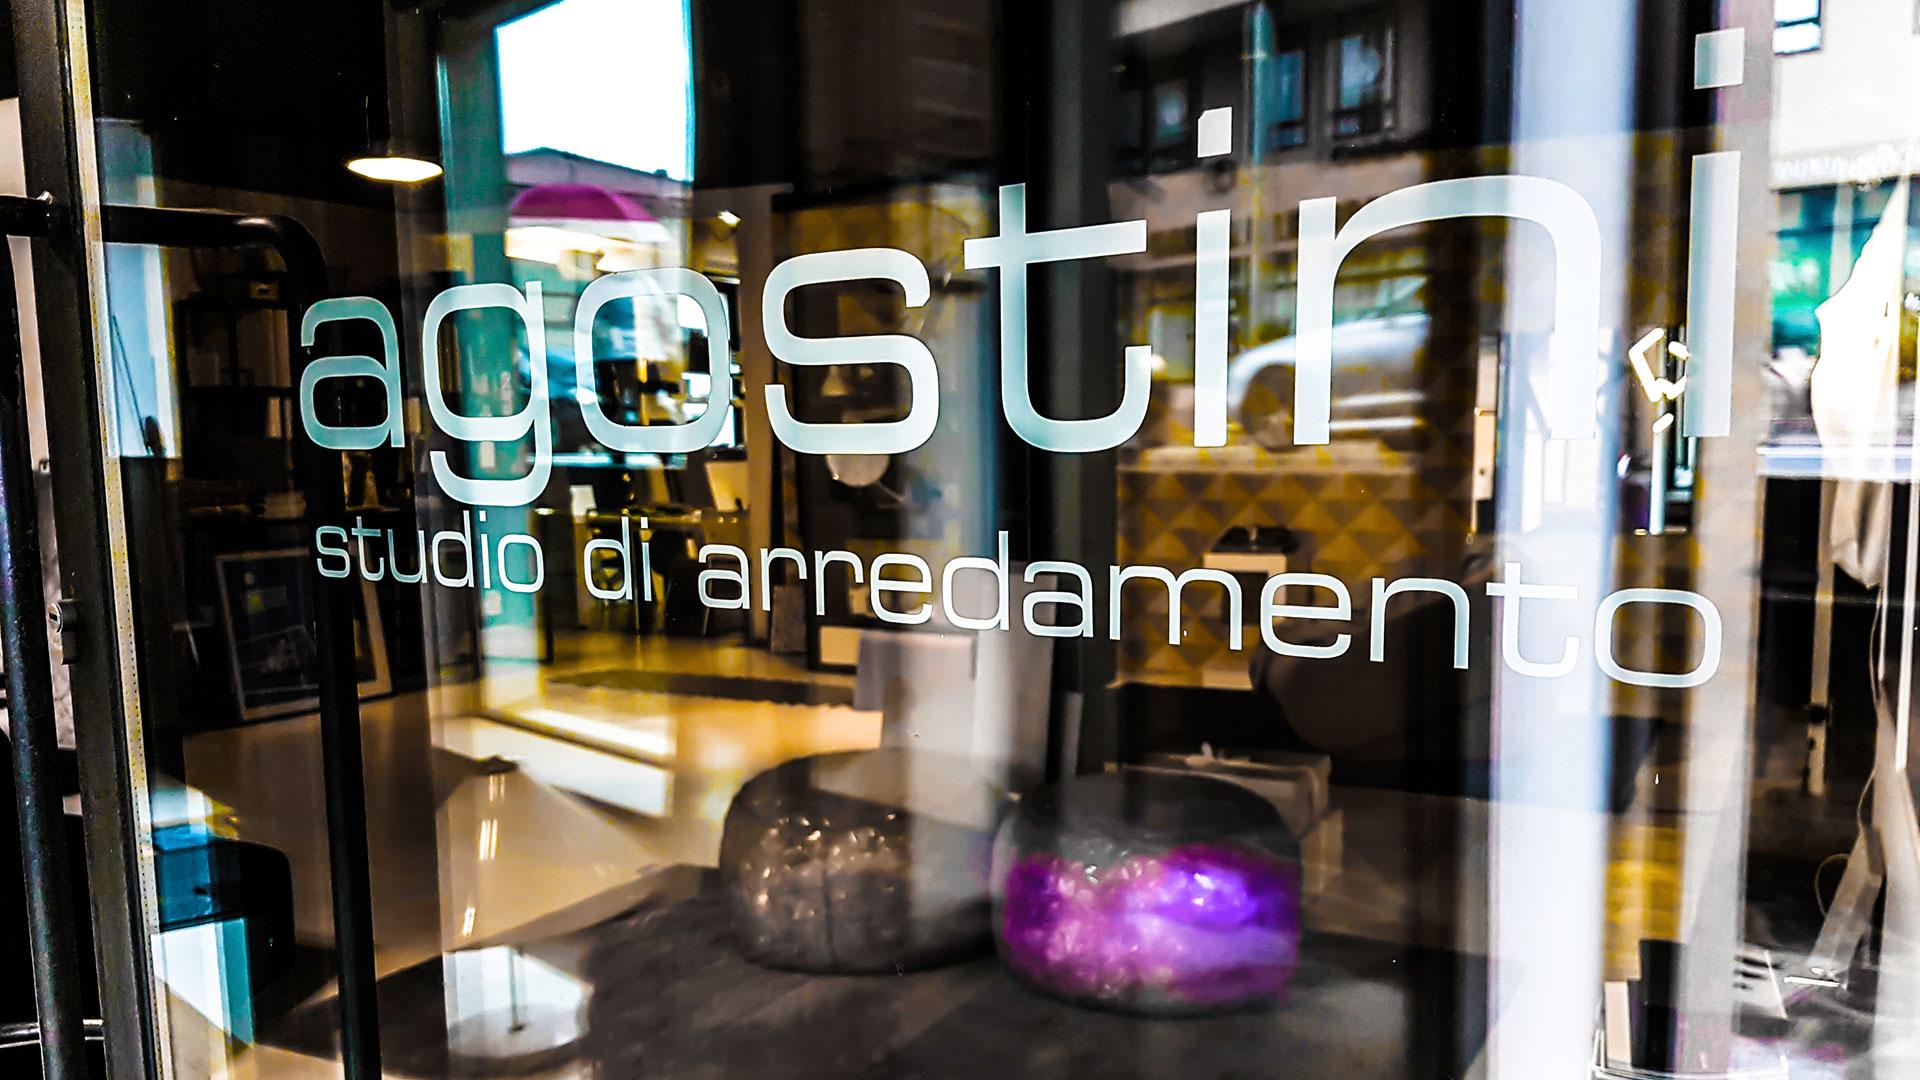 Agostini Studio di Arredamento - showroom